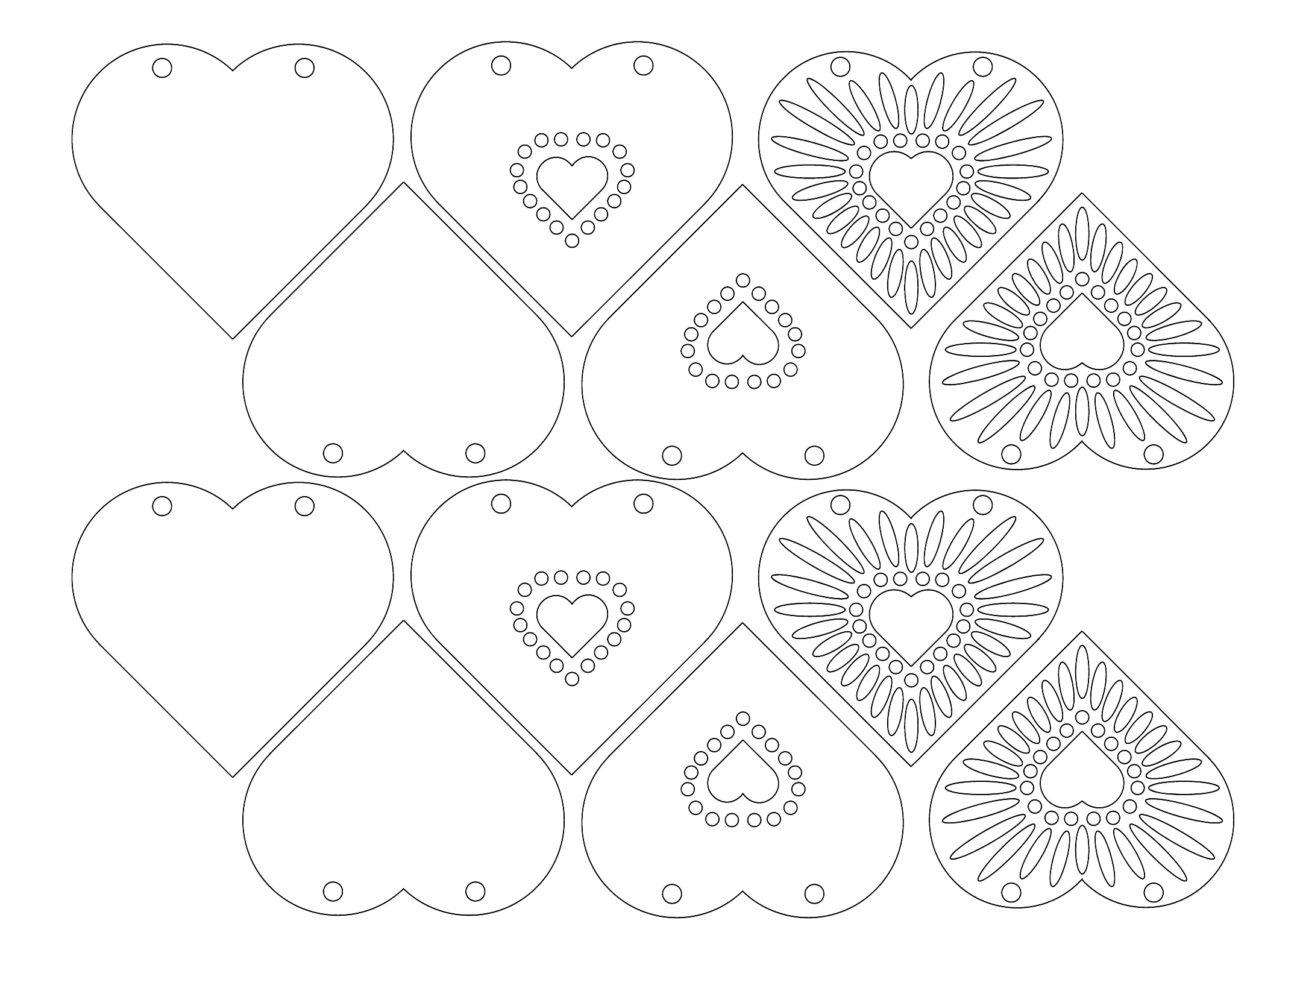 Открытка валентинка своими руками из бумаги шаблоны, поздравление